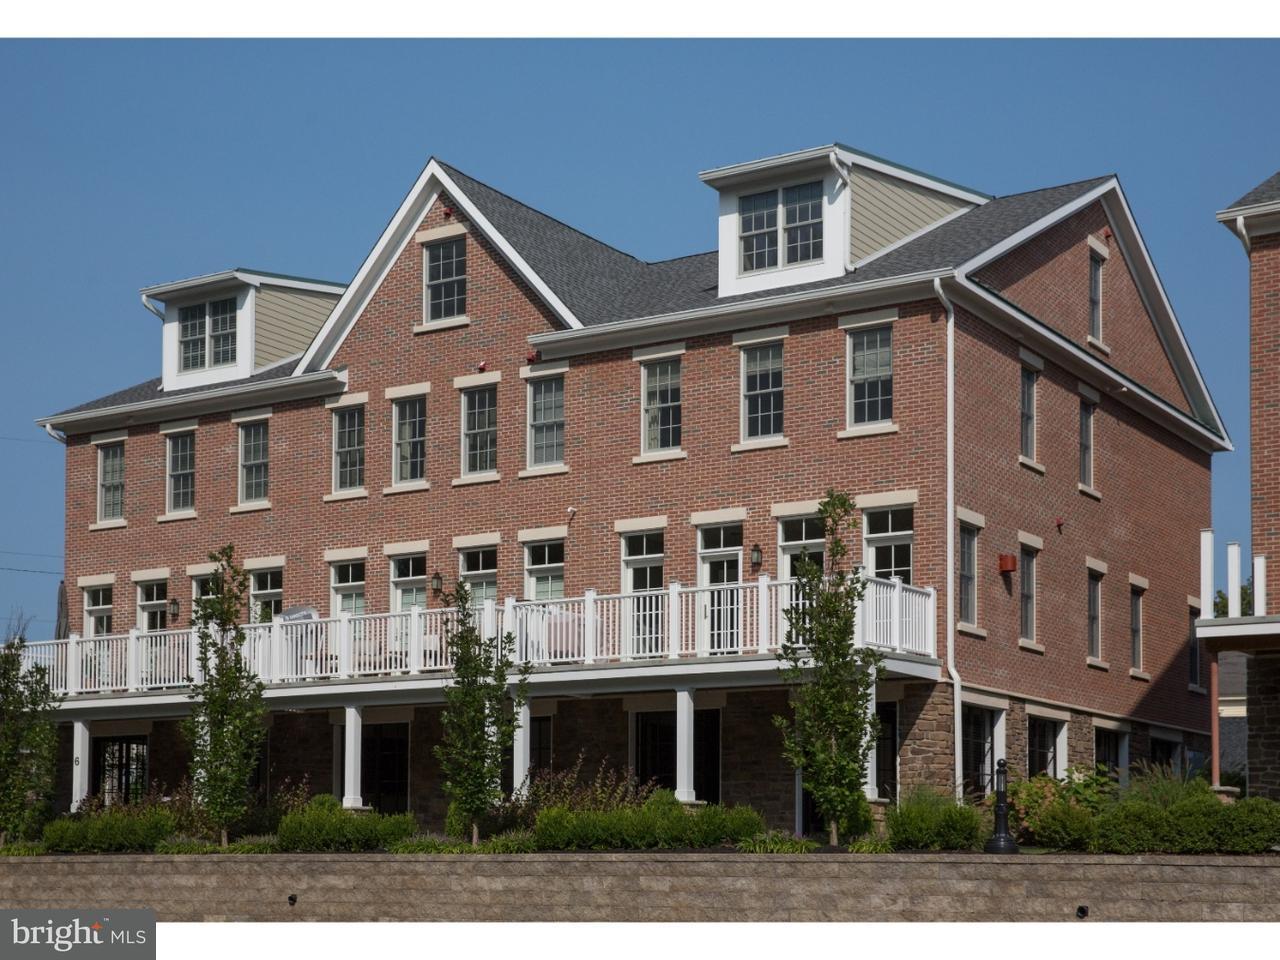 共管式独立产权公寓 为 销售 在 15 RIVER MILLS Drive 弗伦奇敦, 新泽西州 08825 美国在/周边: Frenchtown Borough